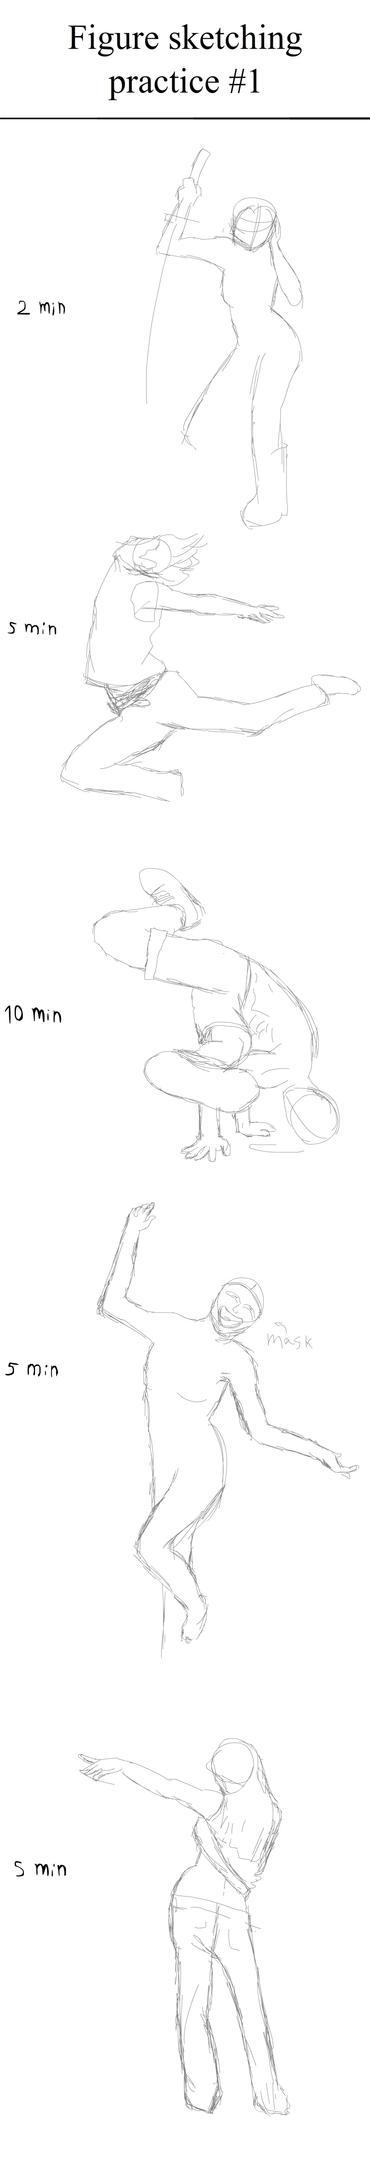 Figure sketching practice #1 by Wofk